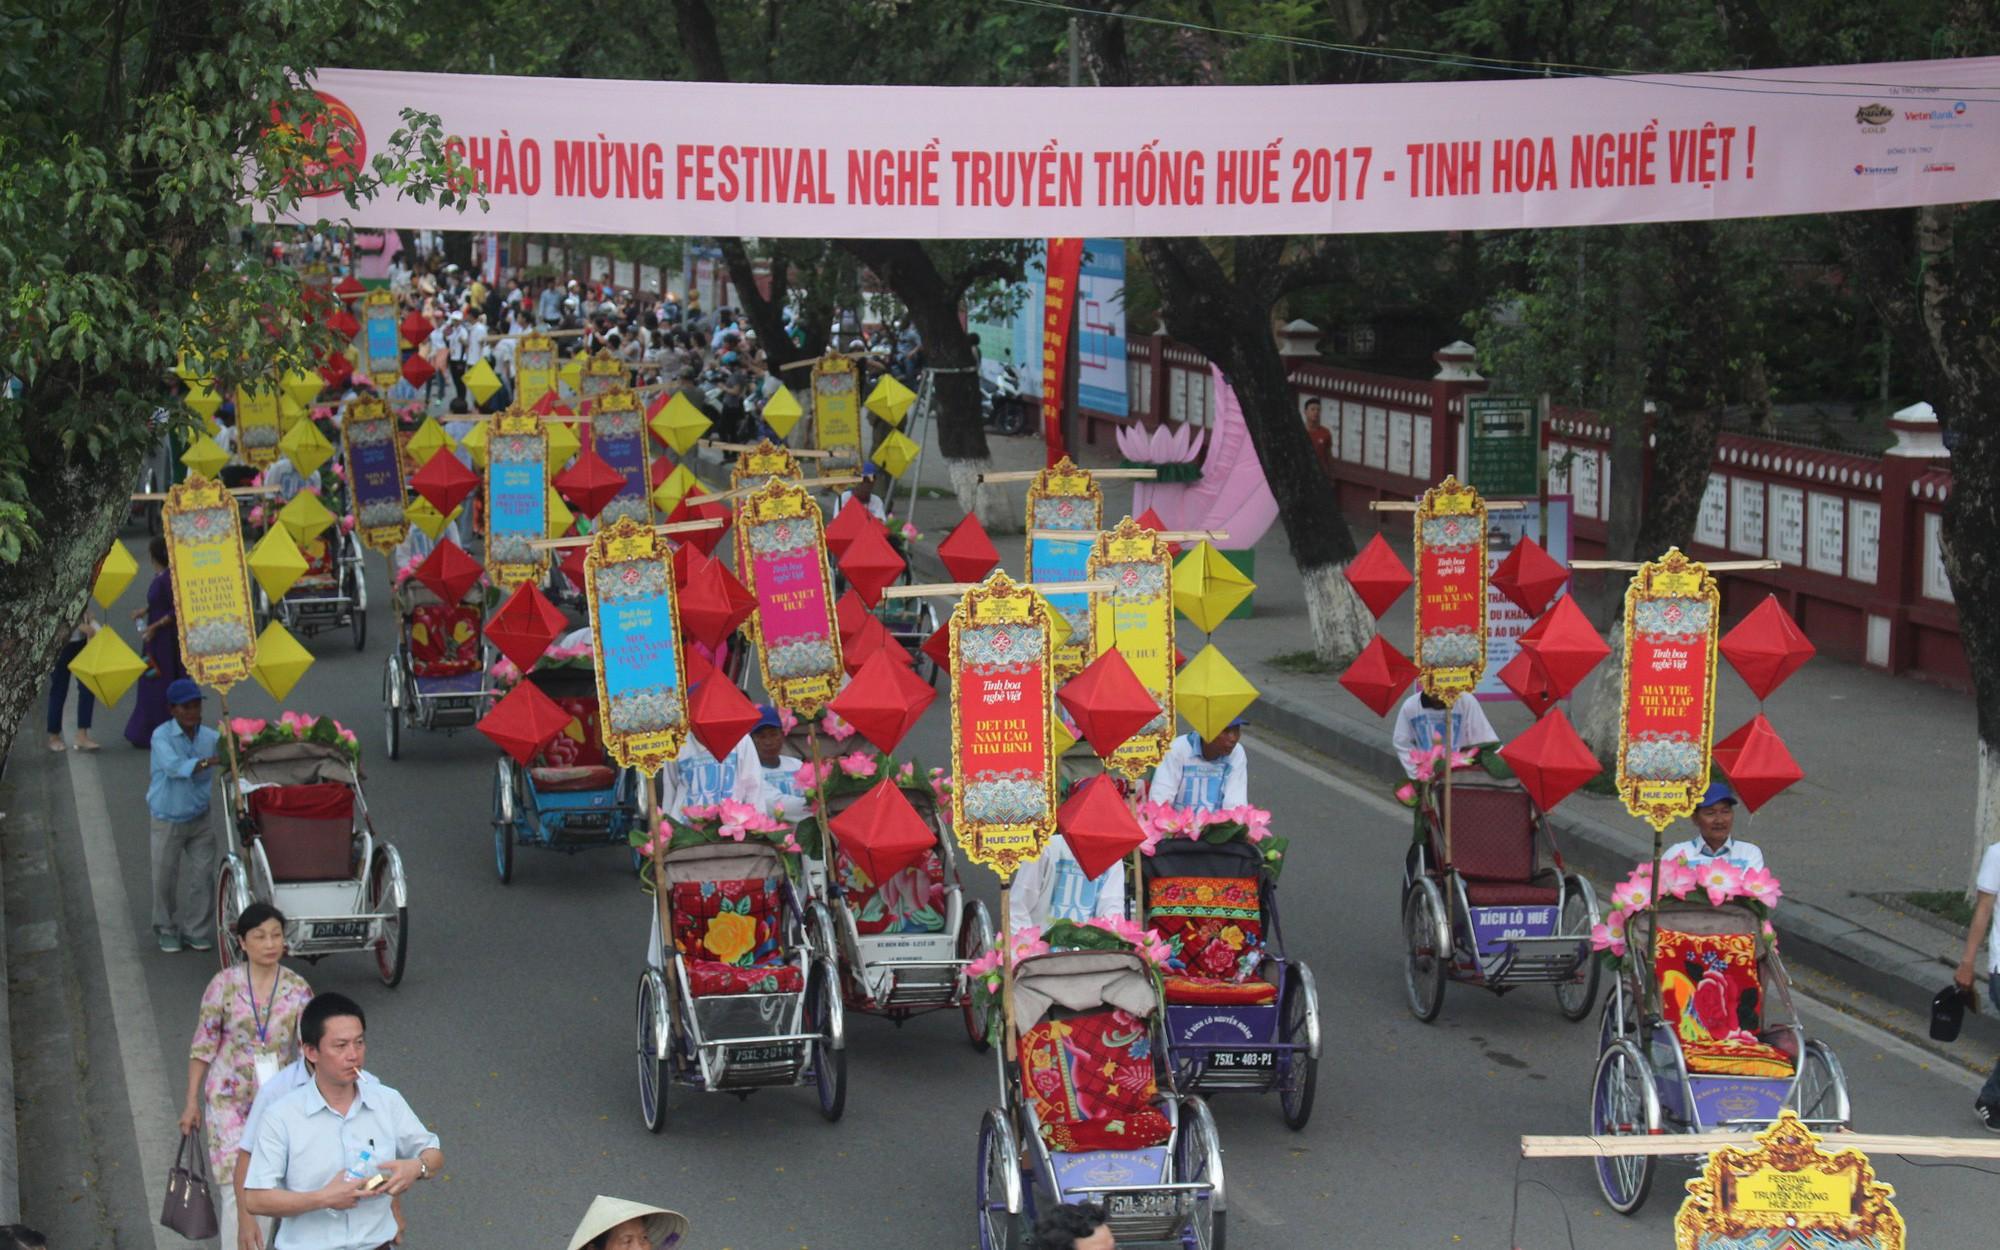 Festival Nghề truyền thống Huế 2019: Khẳng định và nâng tầm một thương hiệu